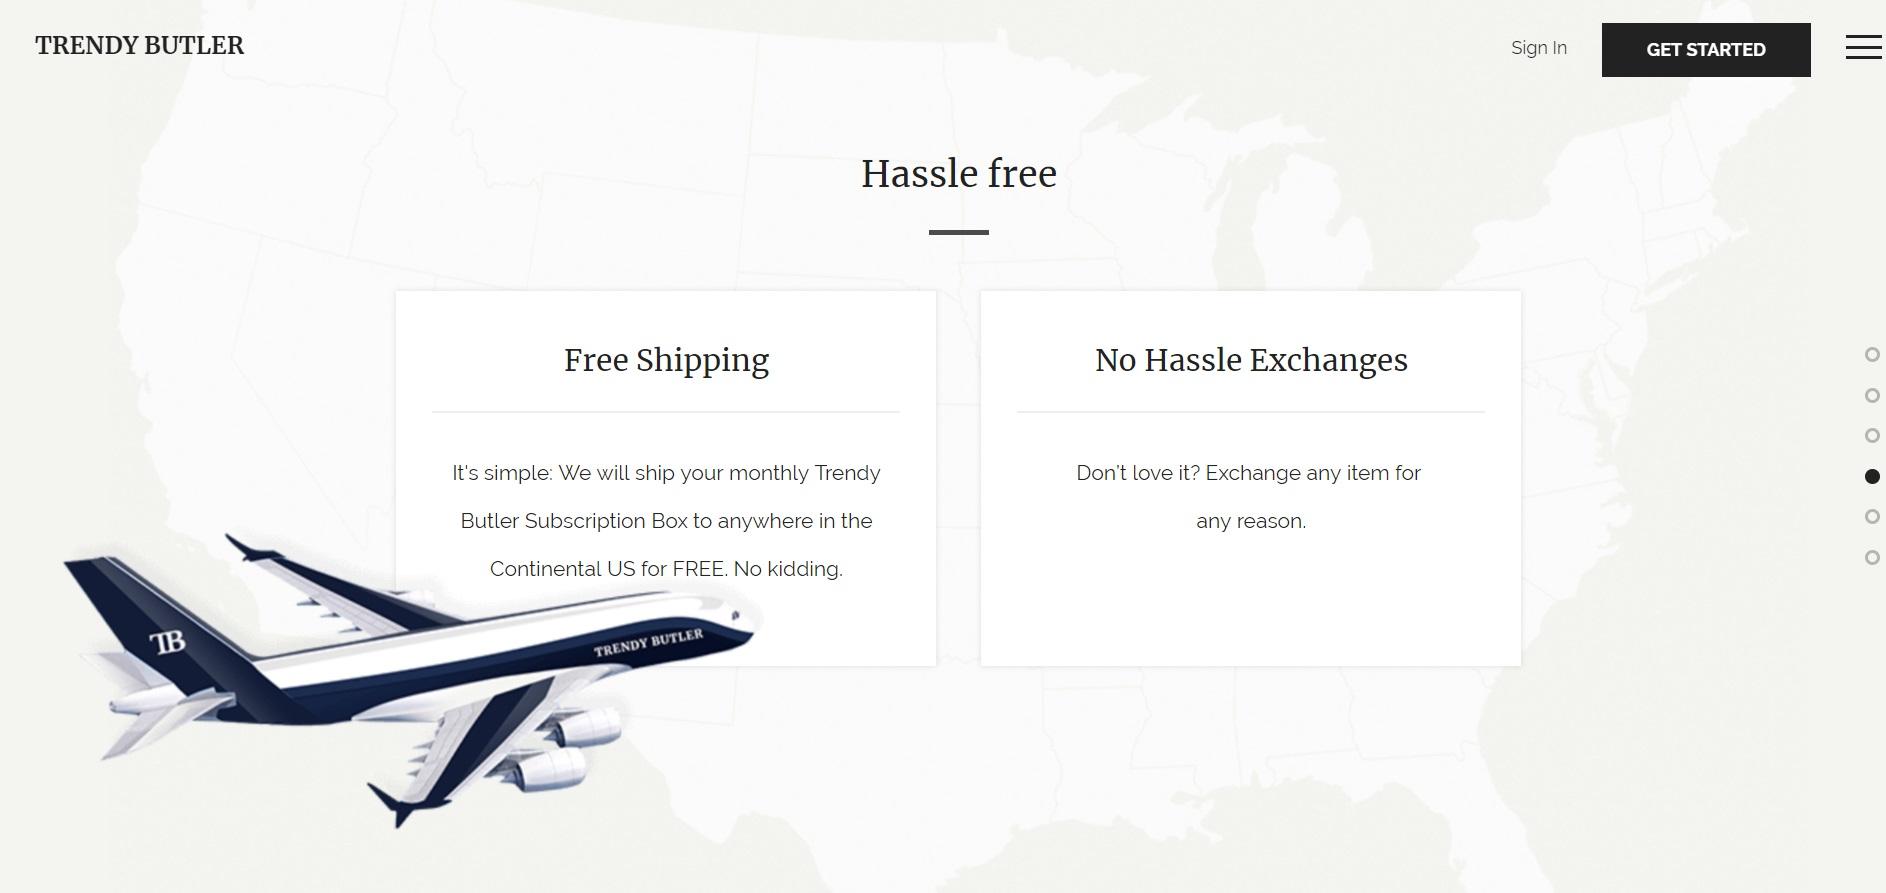 全米どこでも送料無料、届いた商品をいつでも変更できる